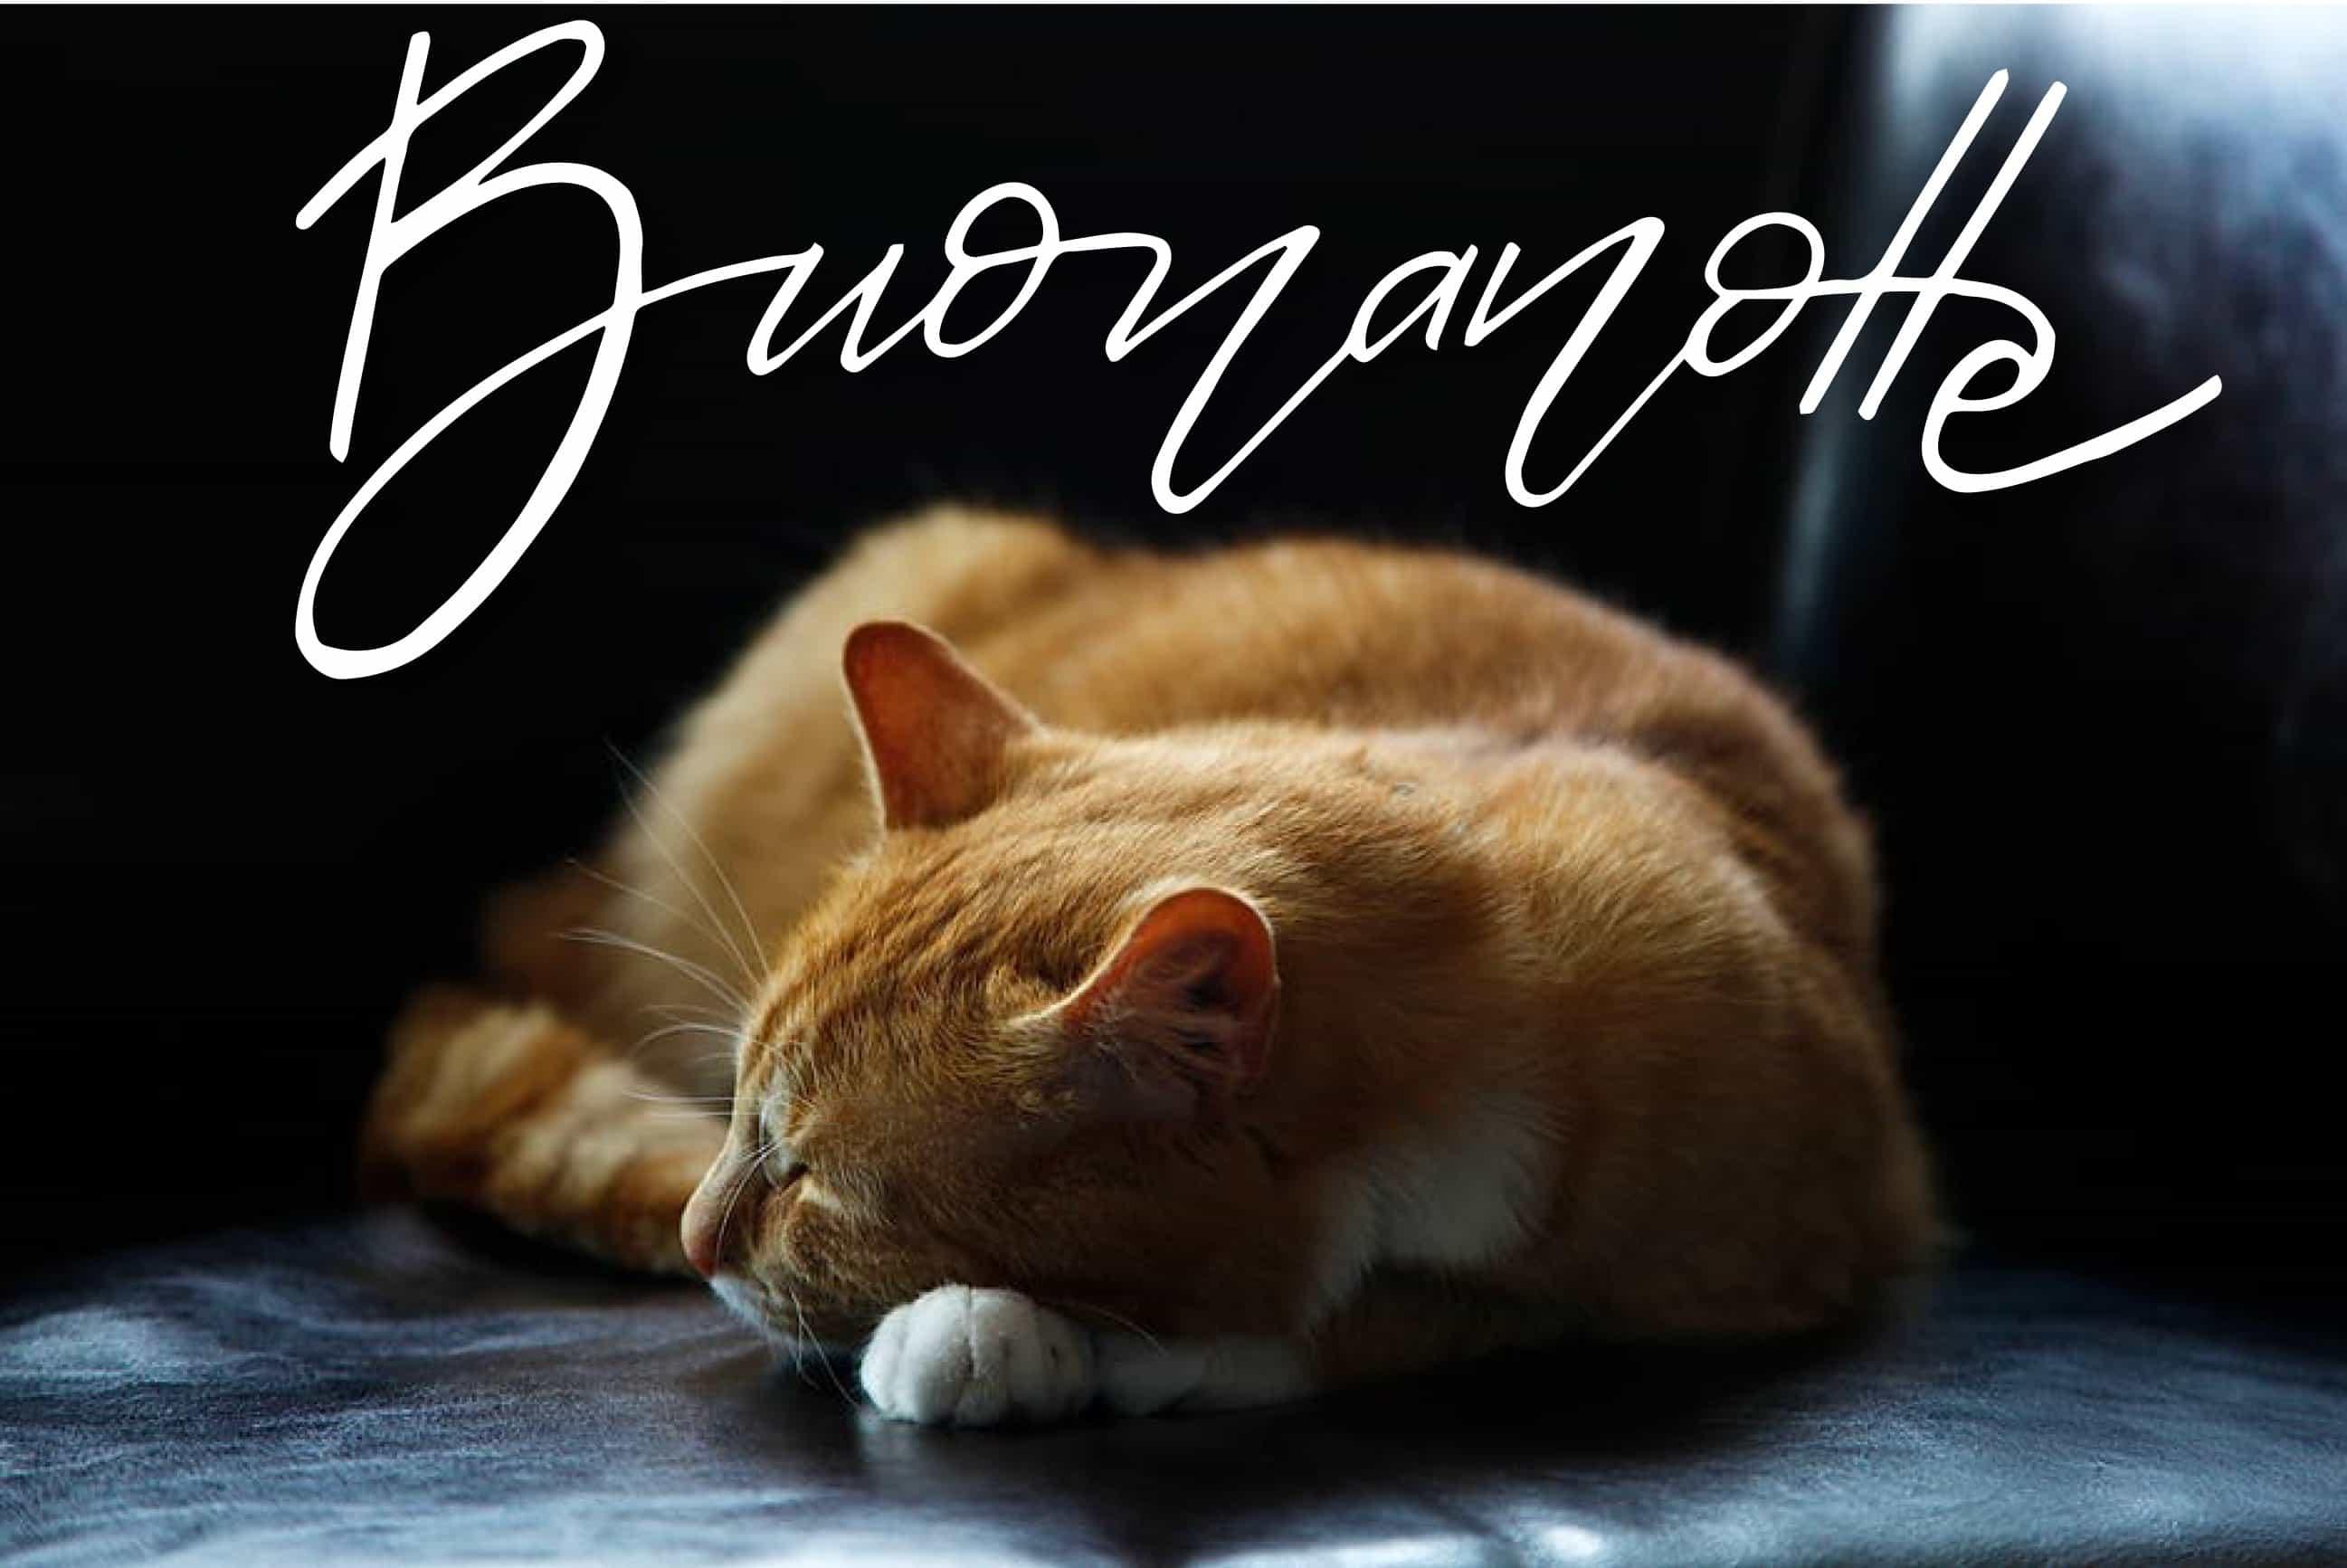 Buona notte con gatto